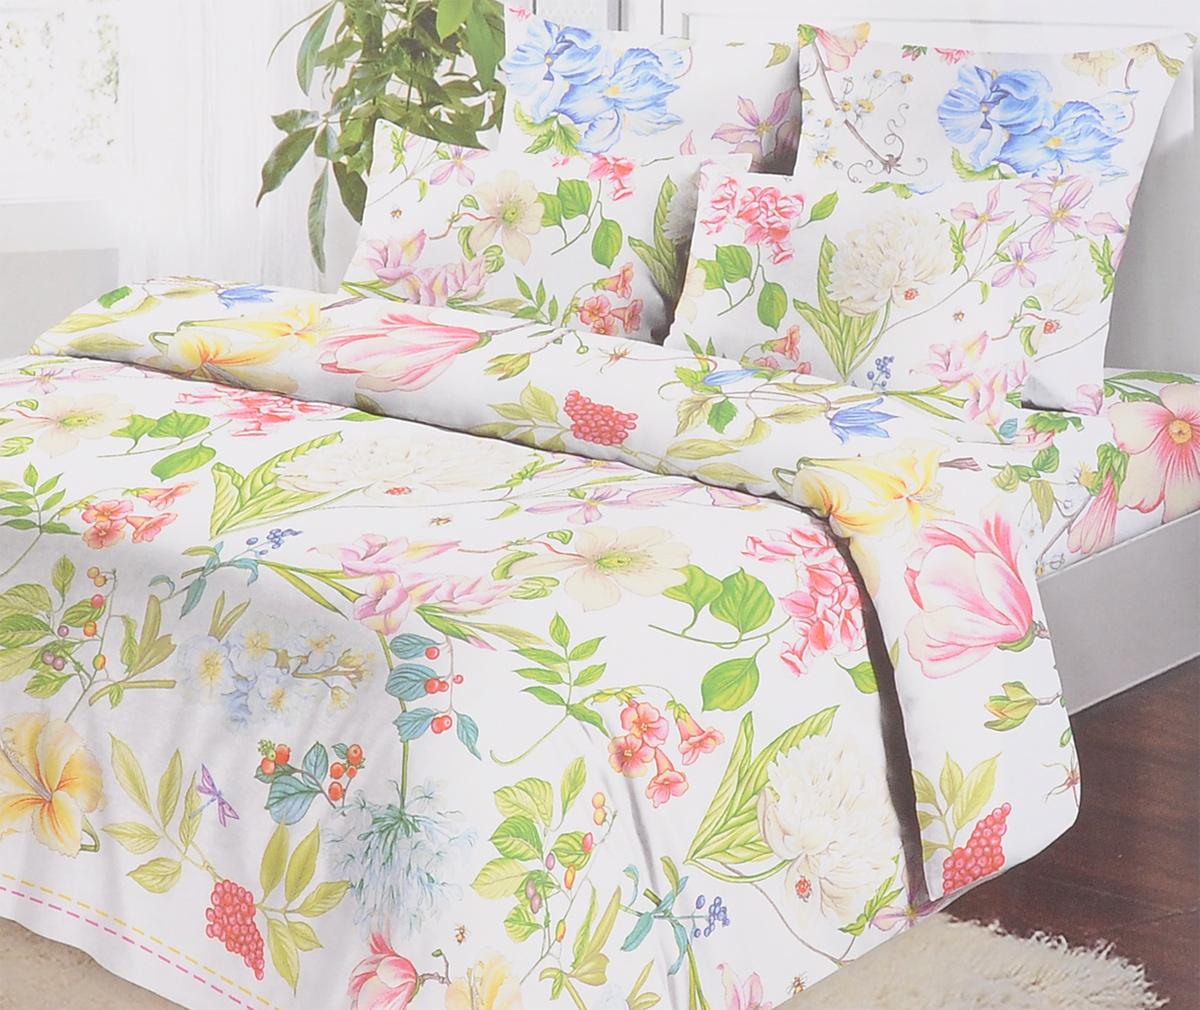 Комплект белья Коллекция Полянка, 2-спальный, наволочки 50х70, цвет: белый, зеленый, розовый. ОБК-2/50 5076.1ОБК-2/50 5076.1Комплект постельного белья Коллекция Полянка выполнен из бязи (100% натурального хлопка). Комплект состоит из пододеяльника, простыни и двух наволочек. Постельное белье оформлено ярким красочным рисунком. Хорошая, качественная бязь всегда ценилась любителями спокойного и комфортного сна. Гладкая структура делает ткань приятной на ощупь, мягкой и нежной, при этом она прочная и хорошо сохраняет форму. Благодаря такому комплекту постельного белья вы сможете создать атмосферу роскоши и романтики в вашей спальне.